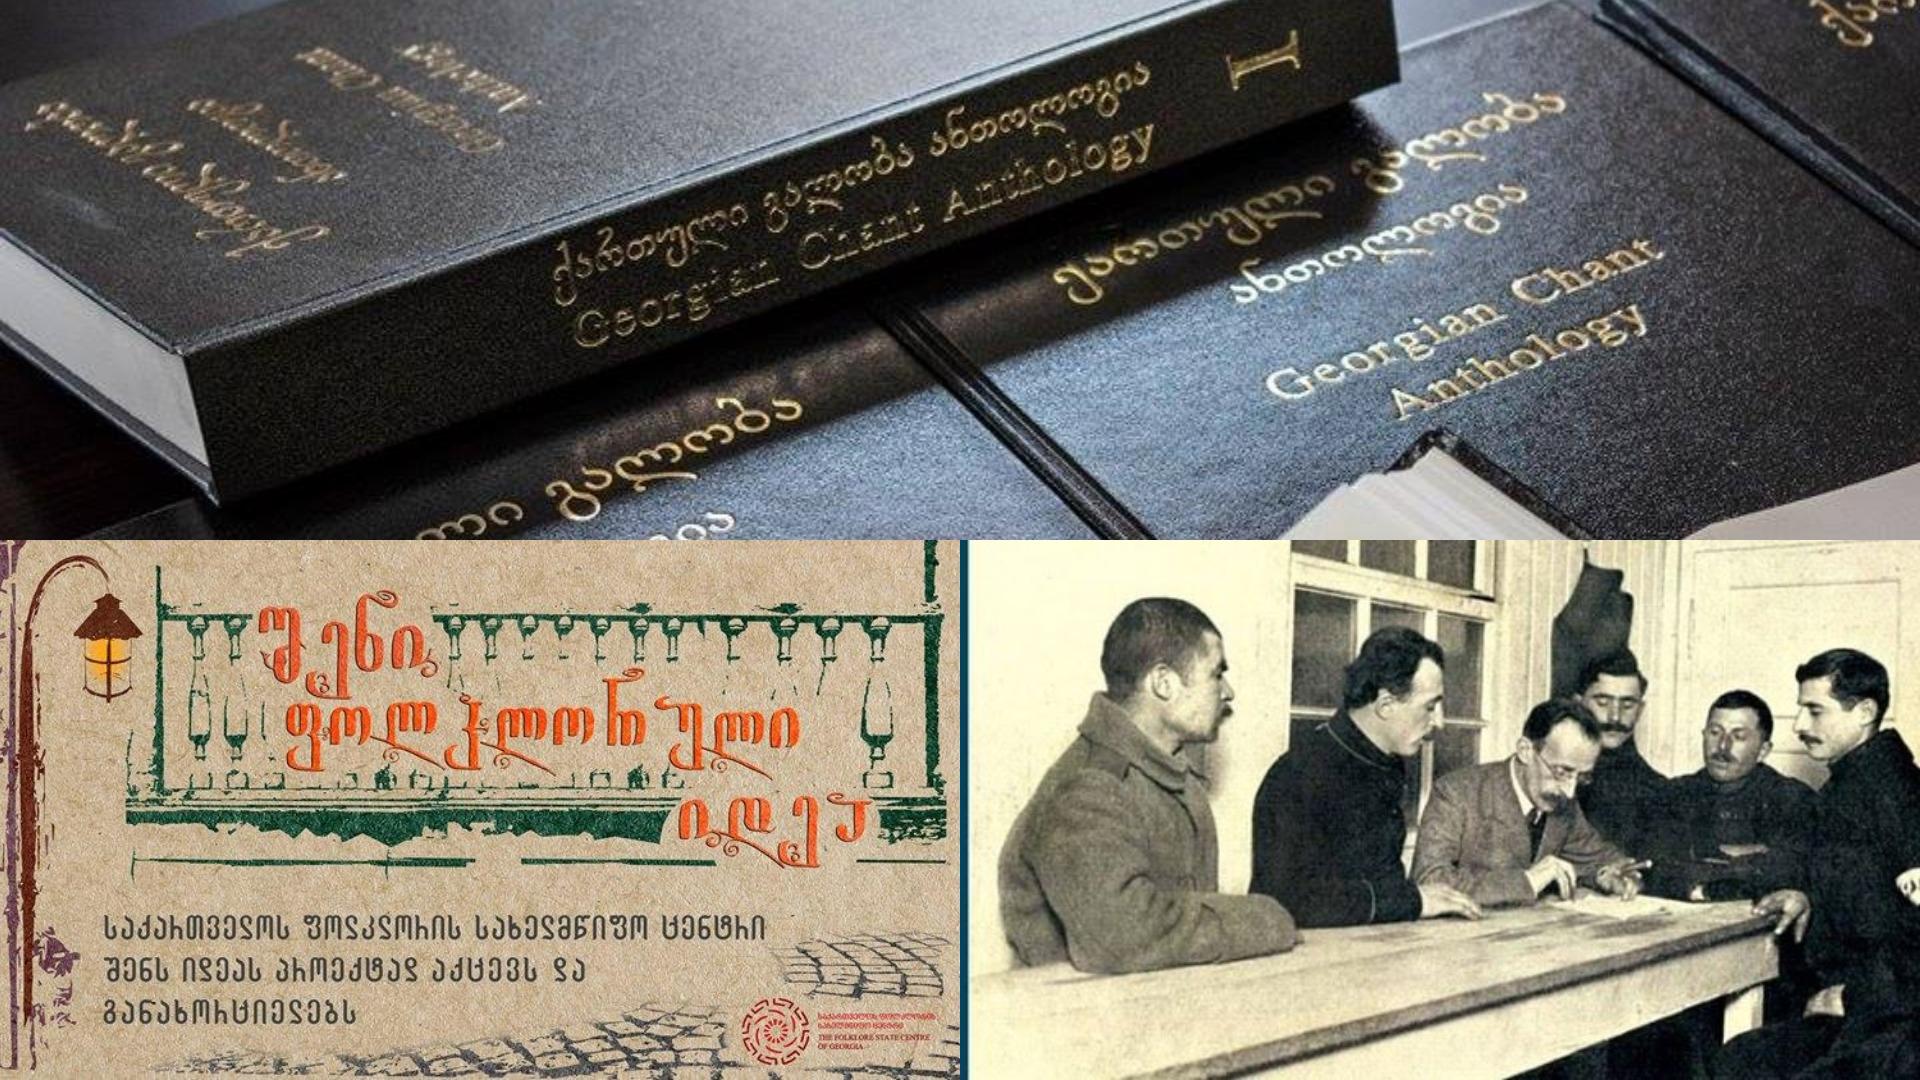 #ჩაკრულო -  გამოიცა ქართული ტრადიციული საეკლესიო გალობის უნიკალური ანთოლოგიის რვატომეული